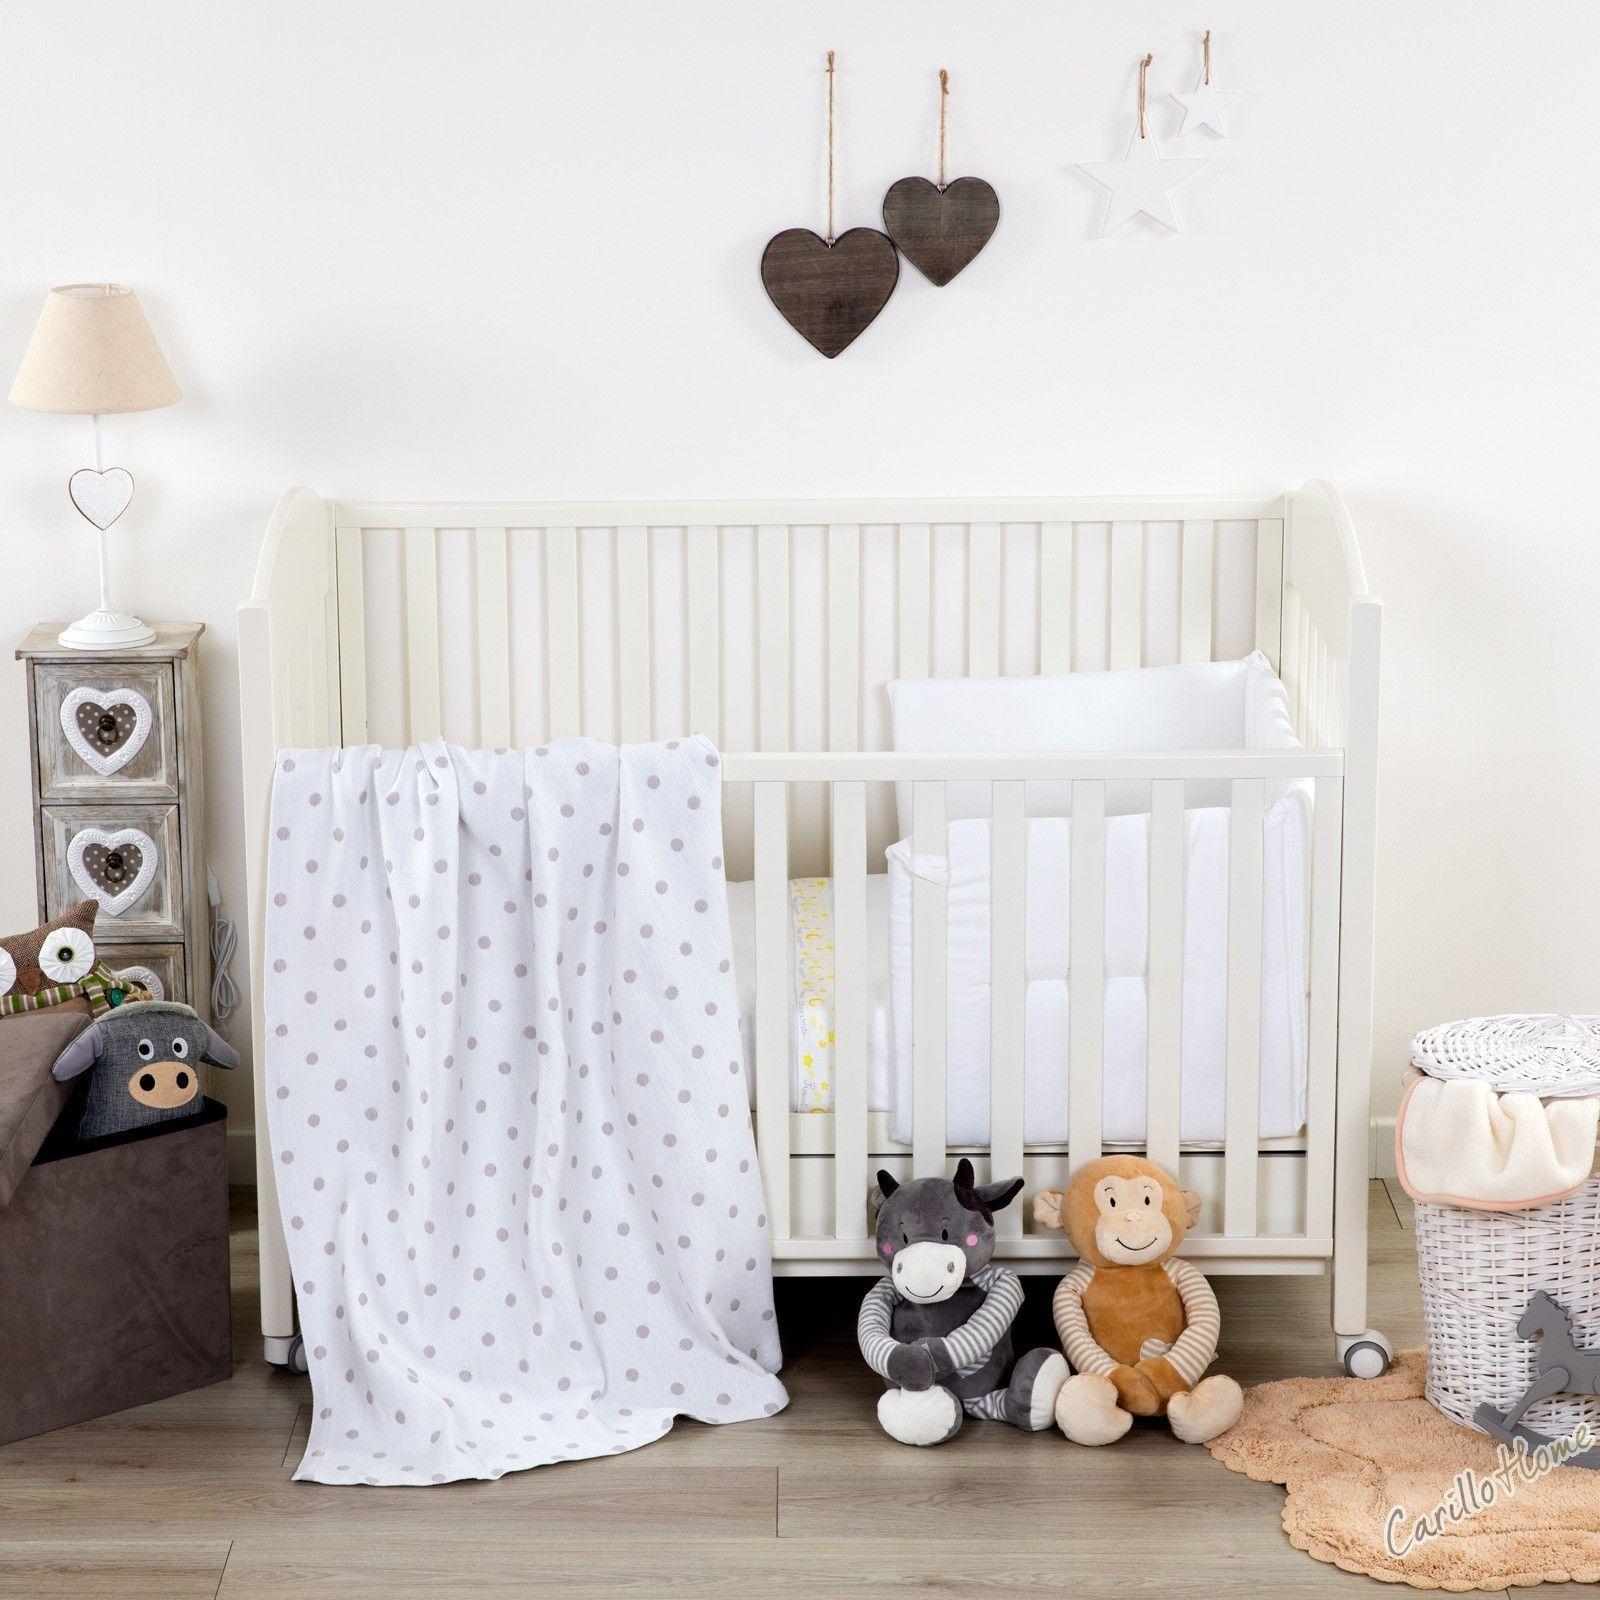 I dolcissimi Copriletto Baby sono realizzati in materiale anallergico, assicurando la temperatura ideale per i riposini pomeridiani o il sonno notturno dei tuoi bimbi.  #carillohome #rivierahomecollection #babyroom #arredamento #arredamentobimbi #lenzuolacopriletto #lenzuolabambino #musthave